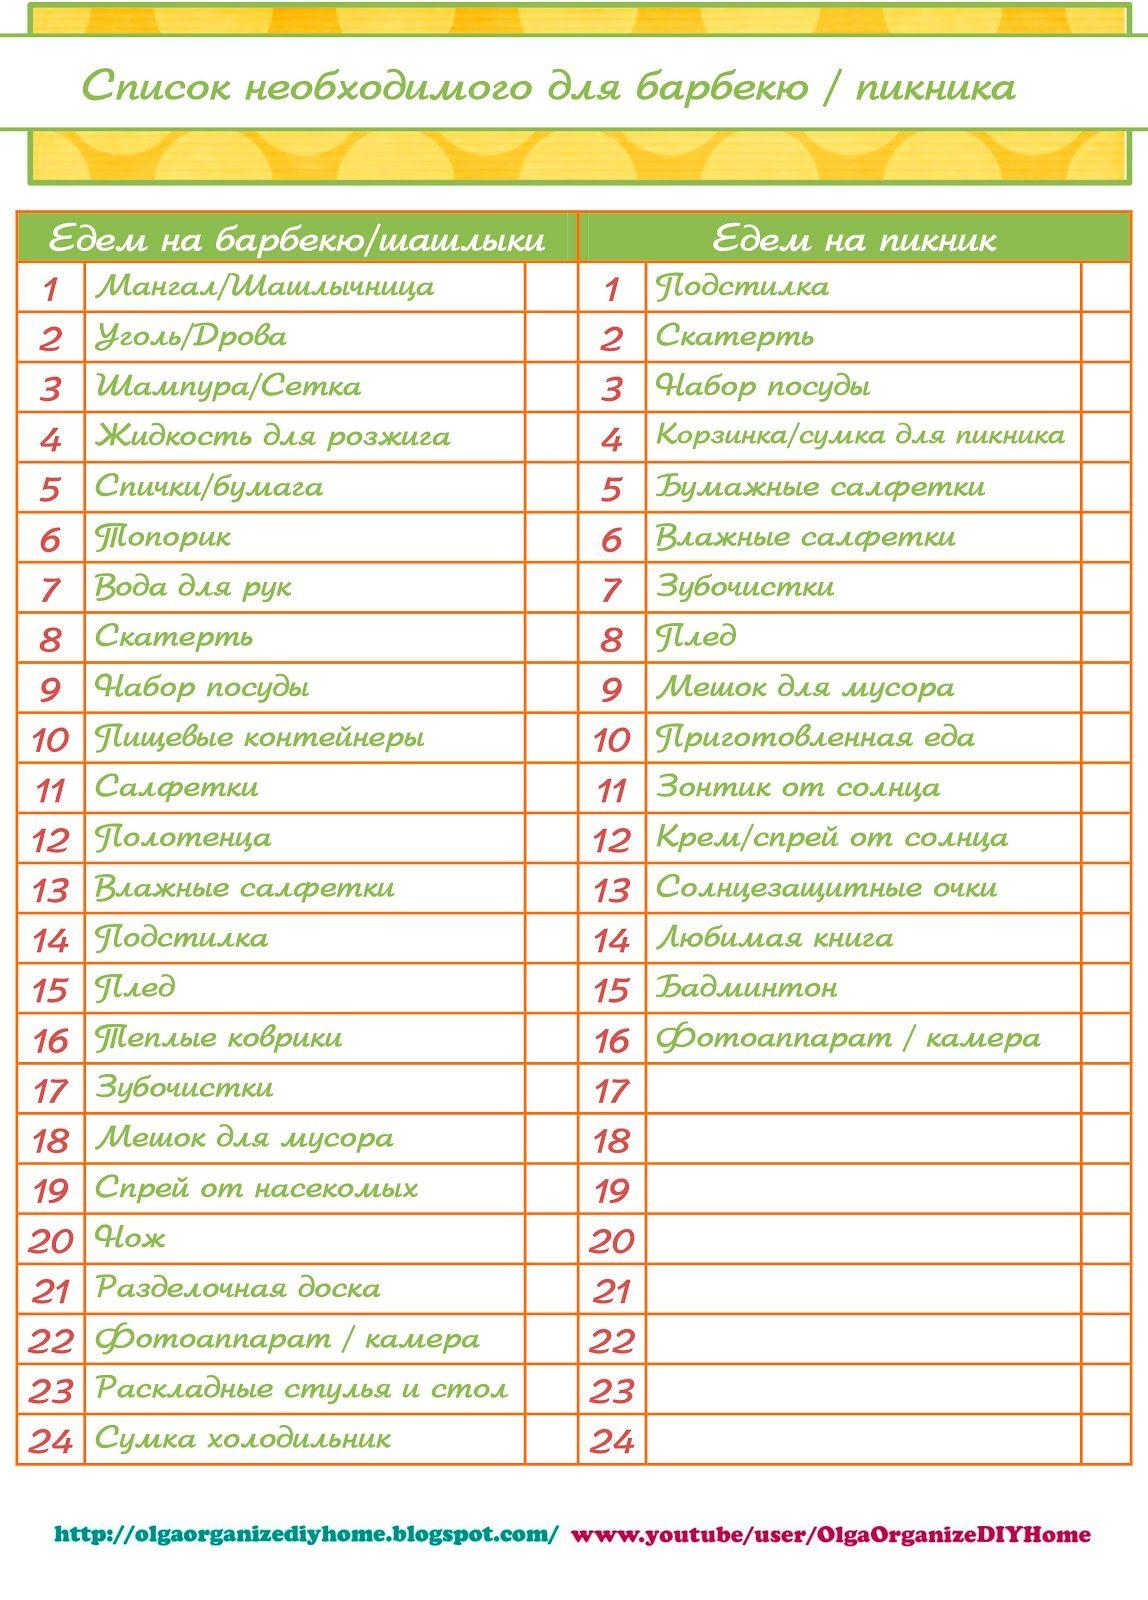 free методические указания для проведения лабораторных работ по курсу